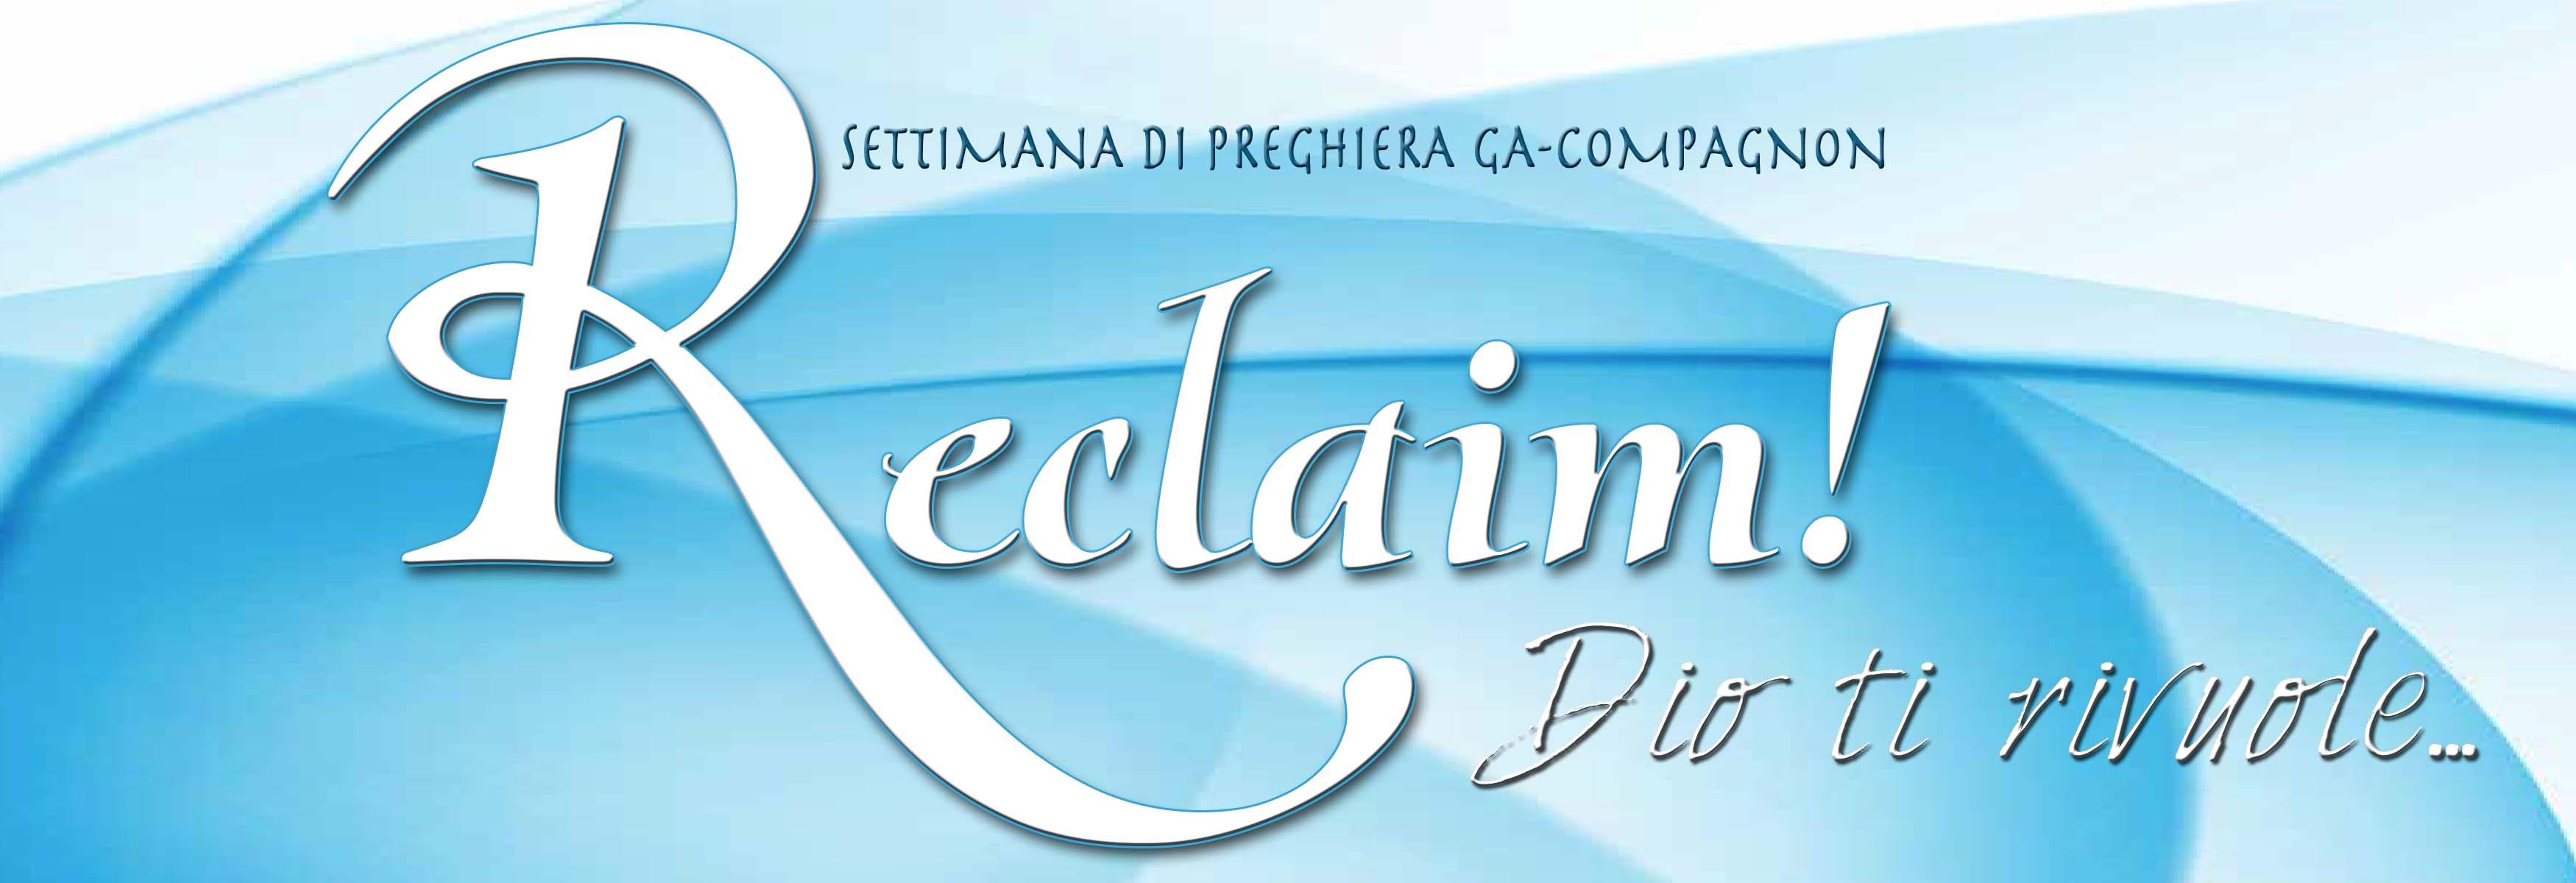 Settimana Di Preghiera GA E Compagnon 2015